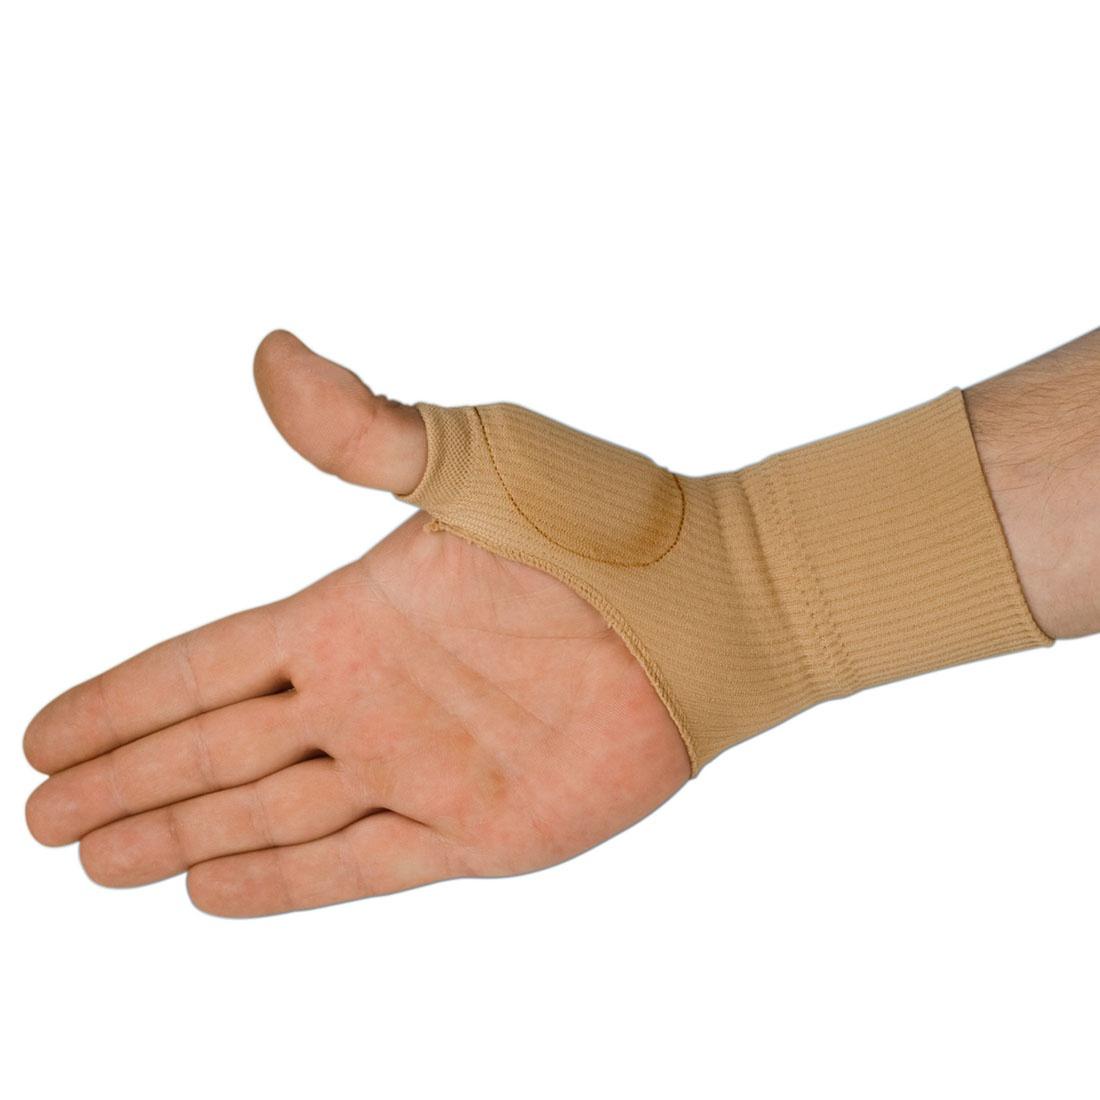 Бандаж для большого пальца руки, с гелем #1